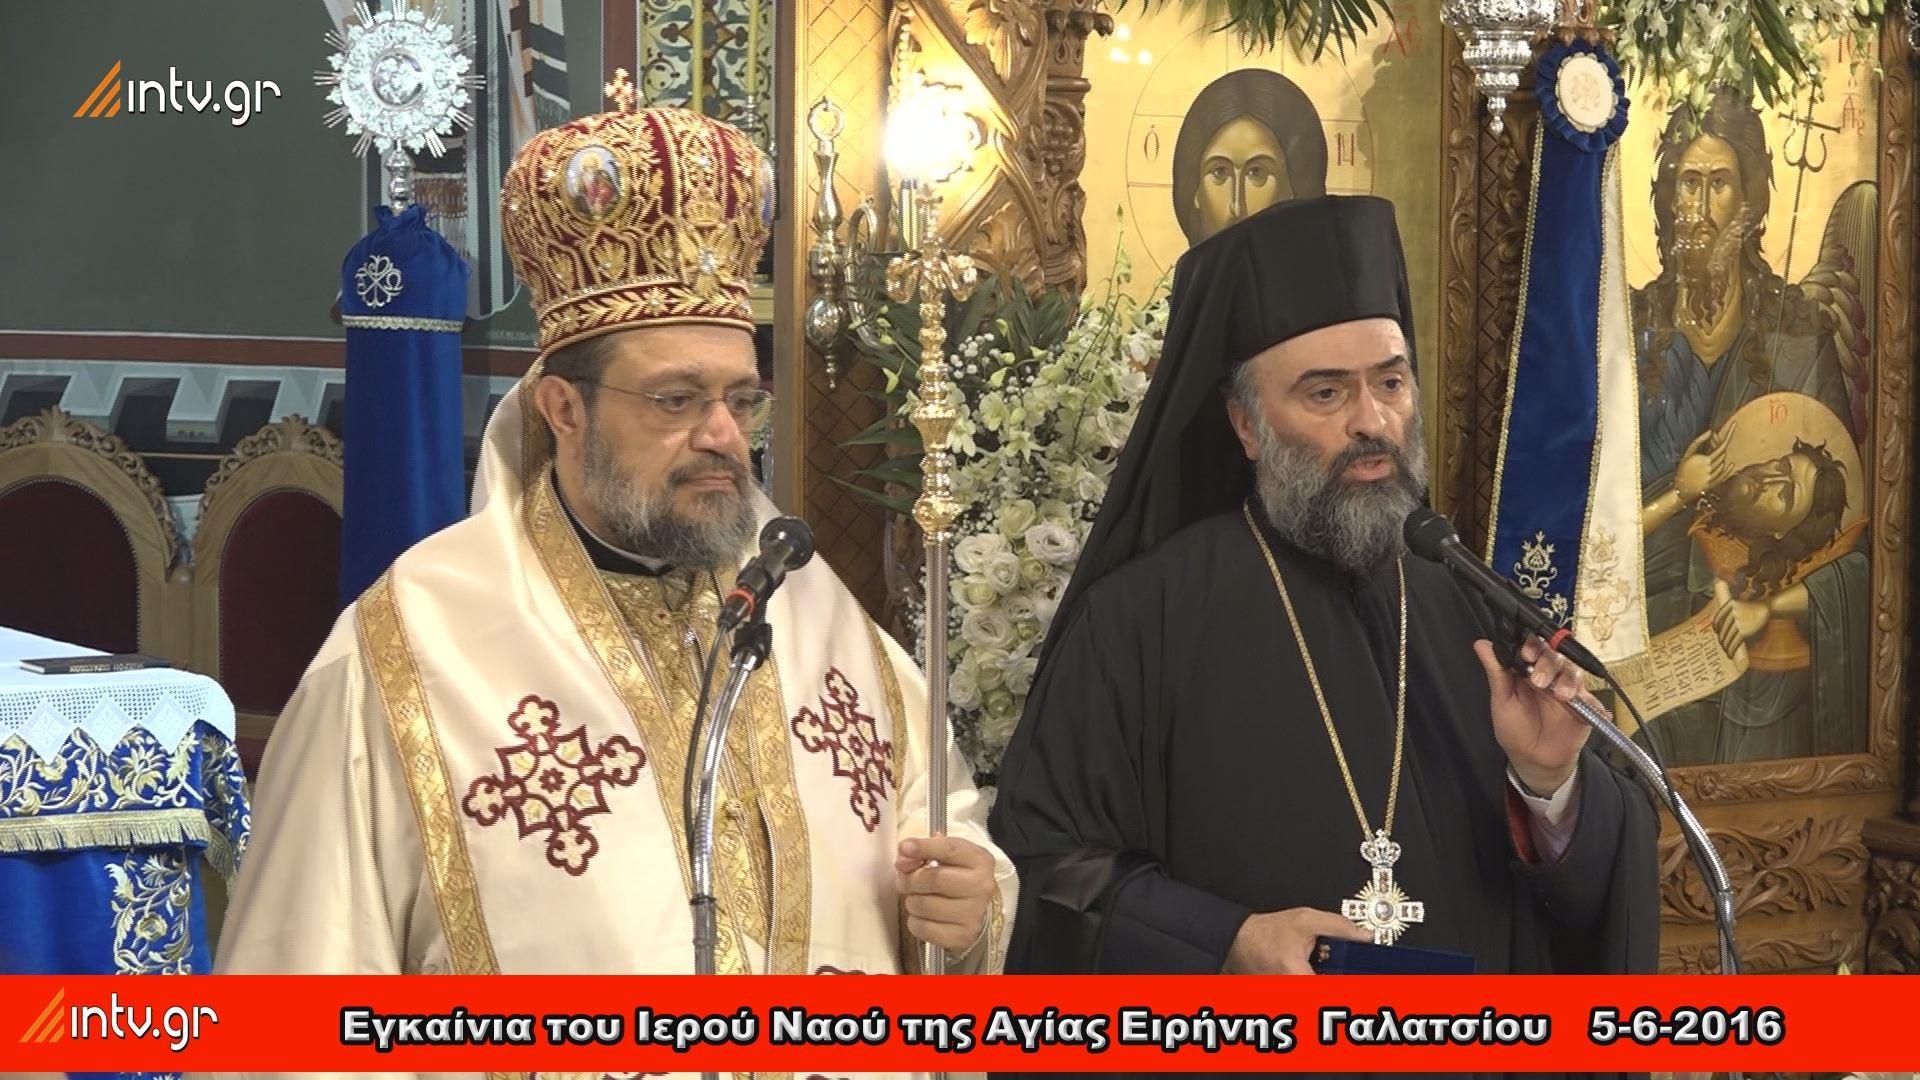 Ιερός Ναός Αγίας Ειρήνης Γαλατσίου - Εγκαίνια του Ιερού Ναού - Πολυαρχιερατική Θ. Λειτουργία